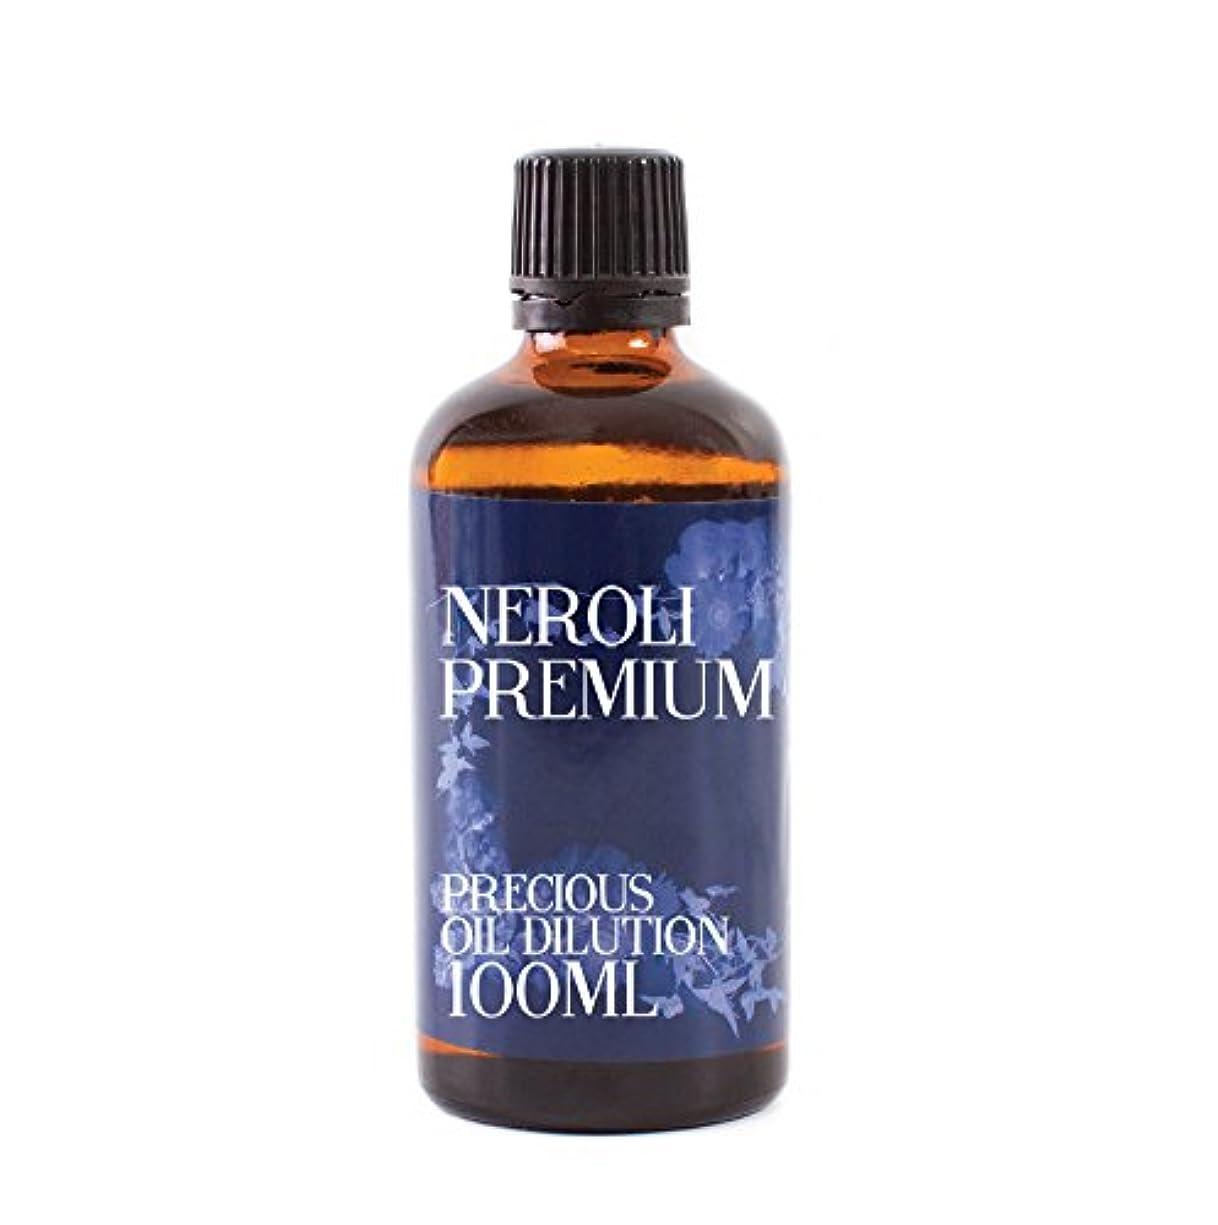 アスレチック地球貧困Mystic Moments | Neroli Premium Essential Oil Dilution - 100ml - 3% Jojoba Blend